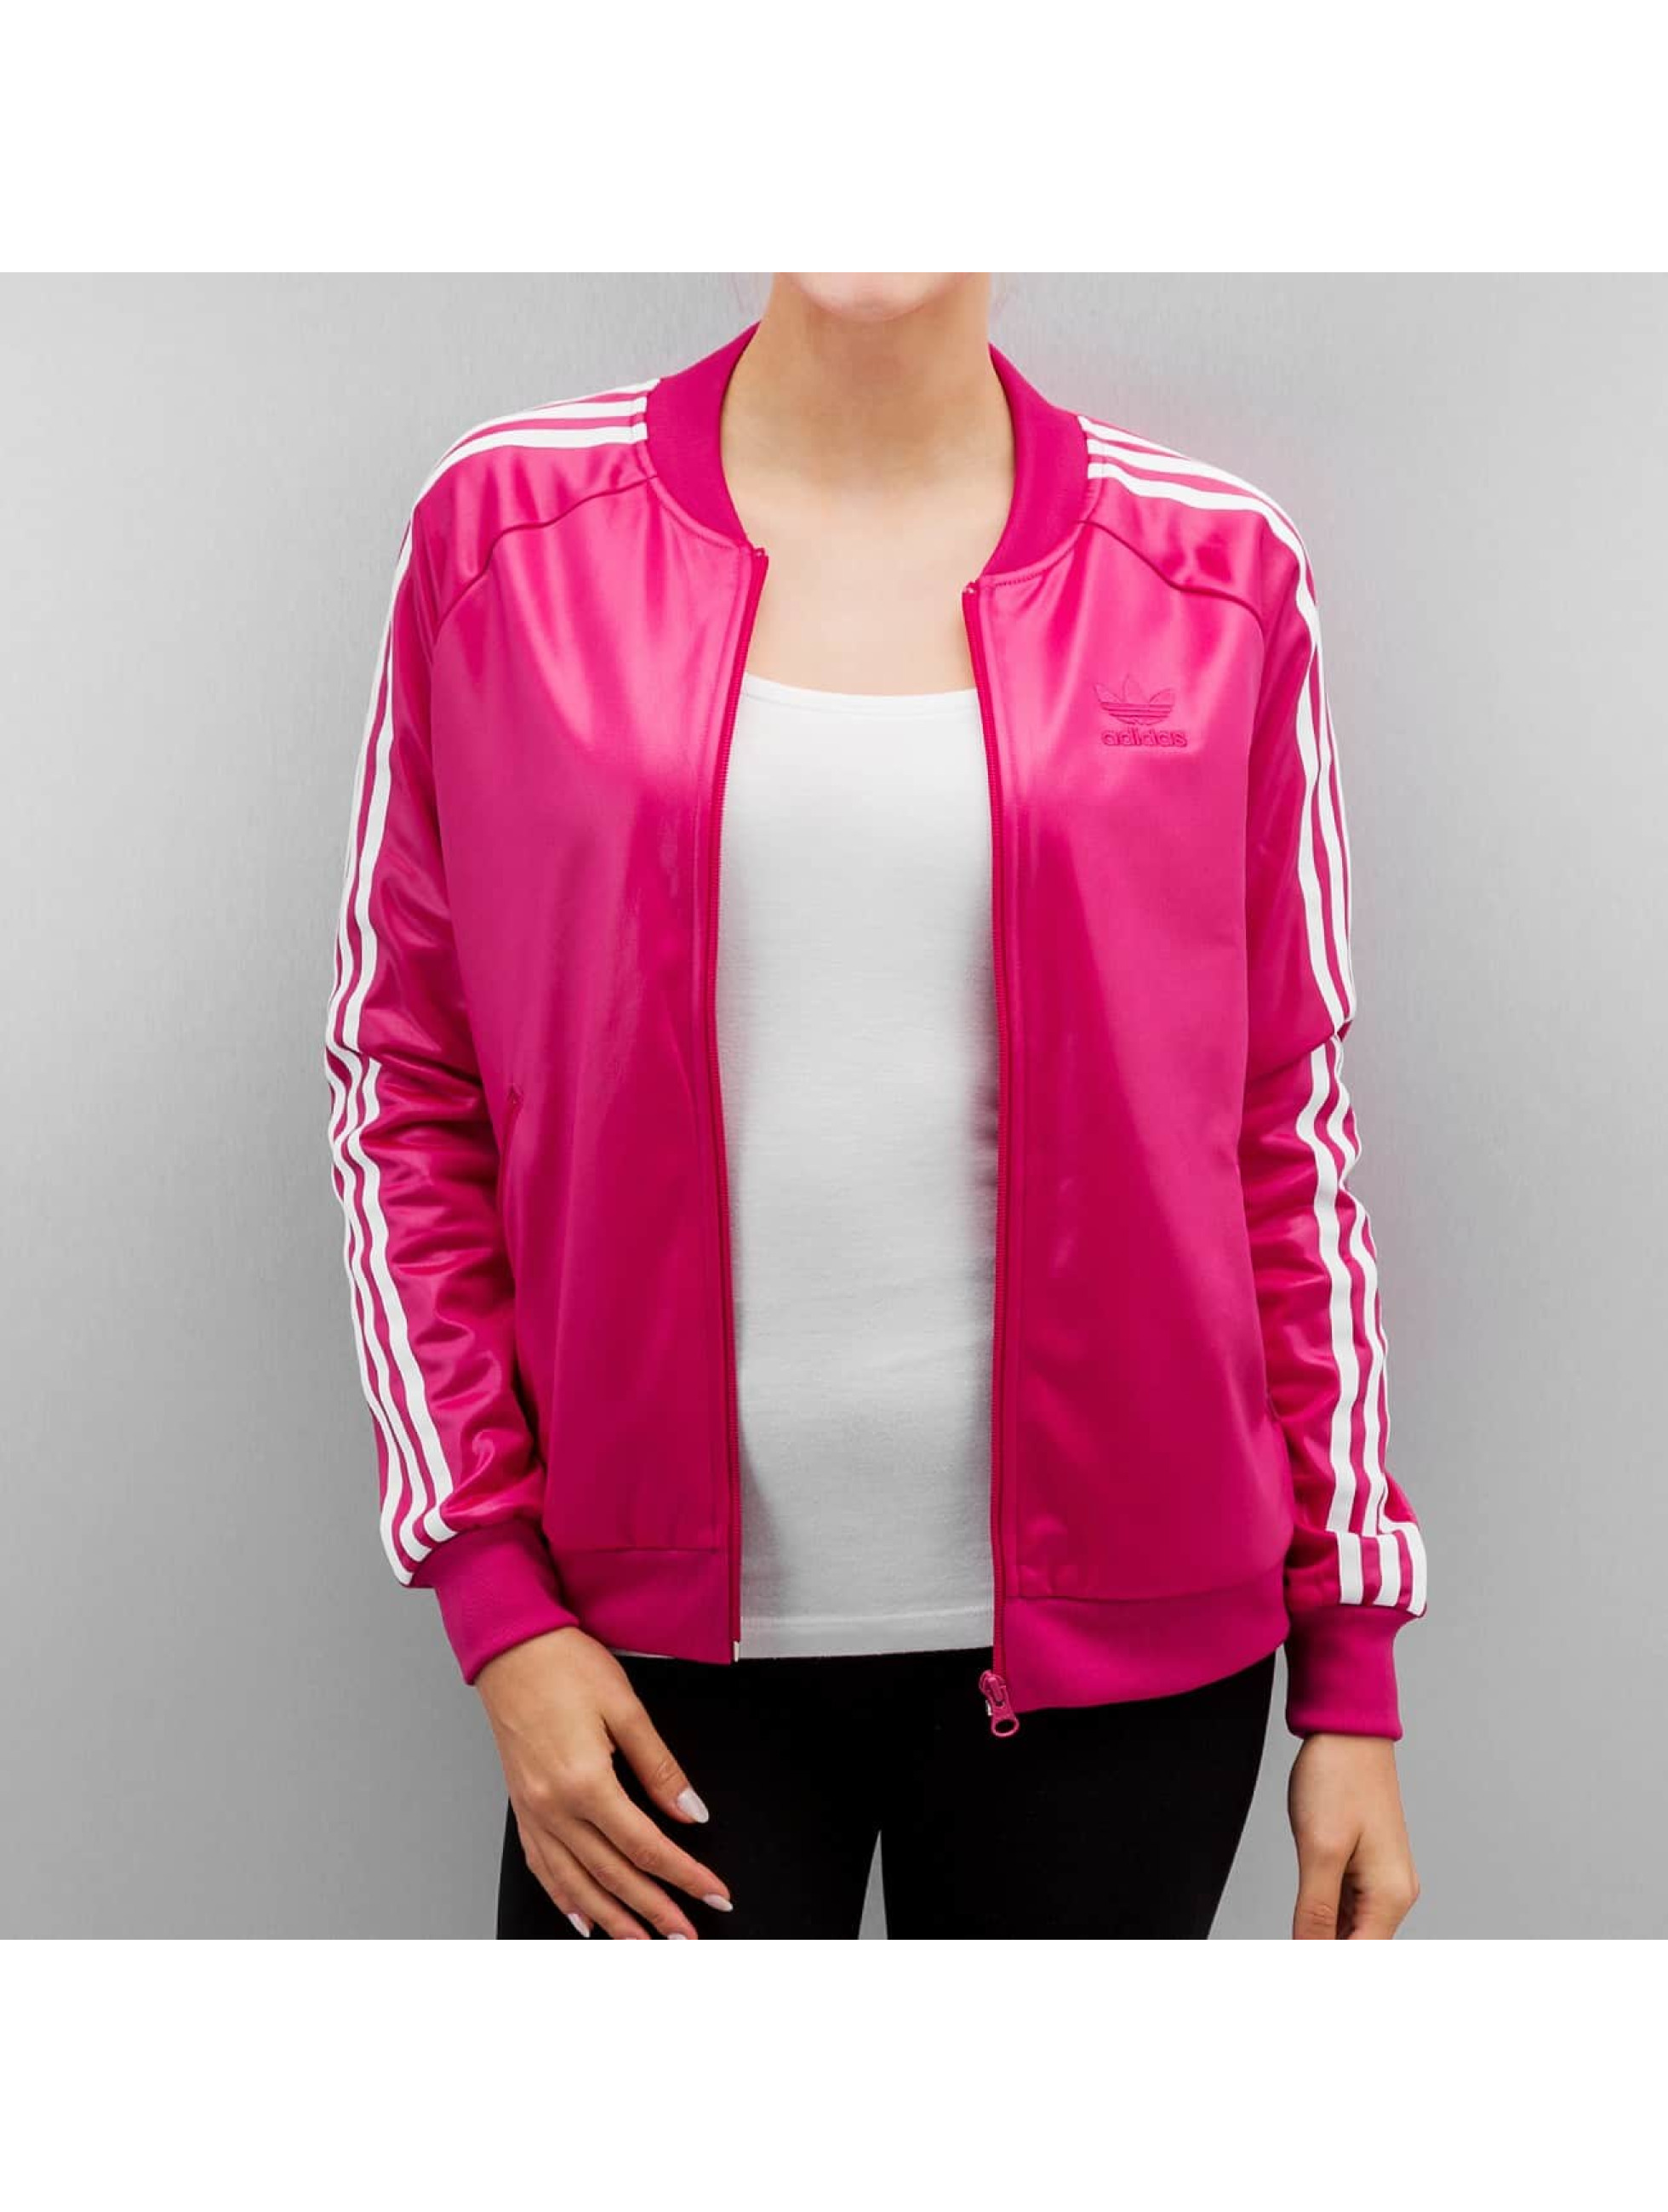 adidas Университетская куртка Superstar лаванда